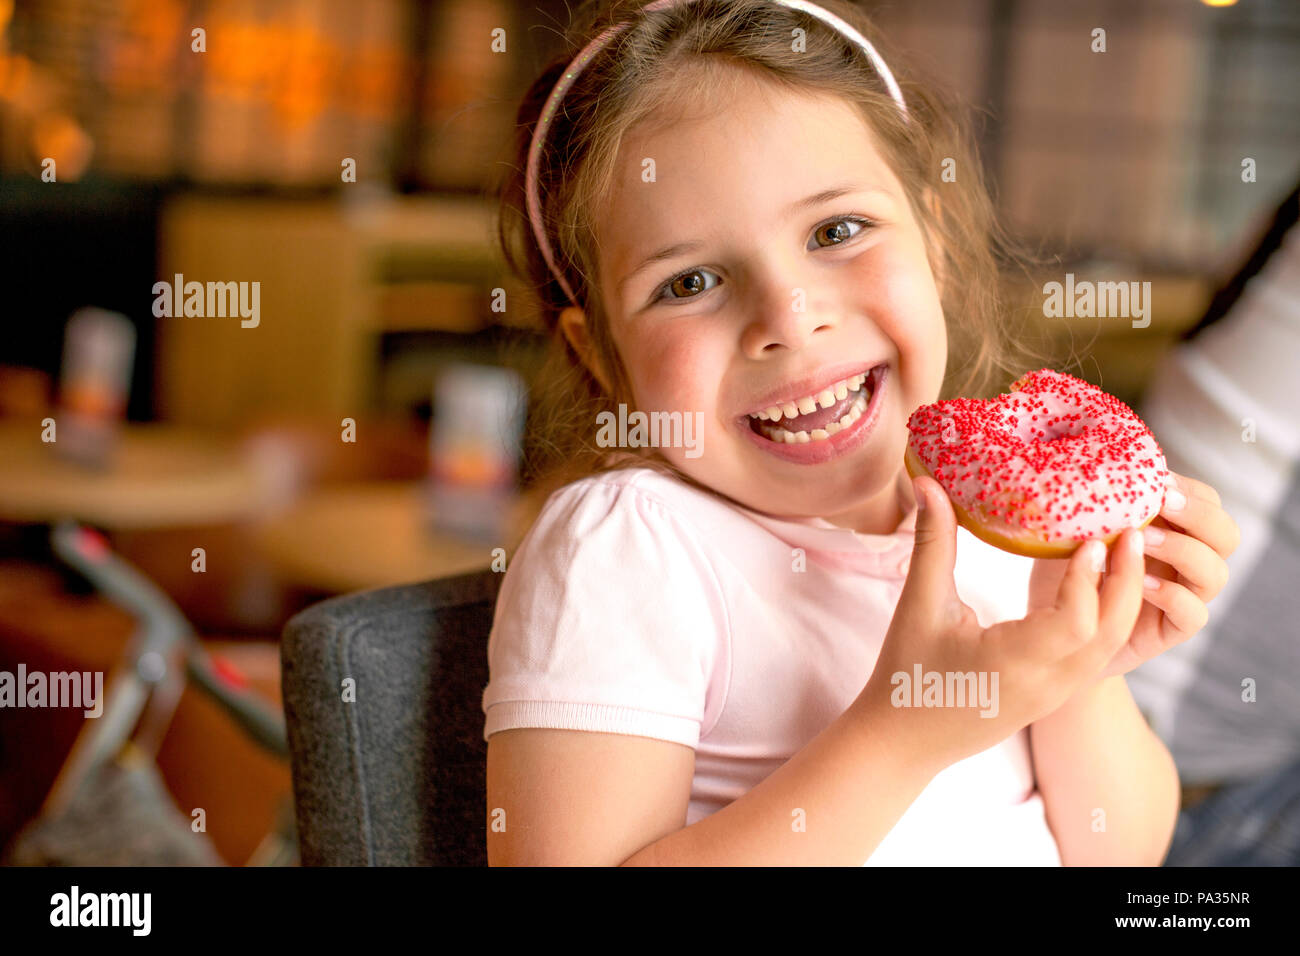 Niña feliz de comer en una cafetería y pastelería. Alimentos Dulces dañinos. Las tendencias en los alimentos. Espacio de copia Imagen De Stock